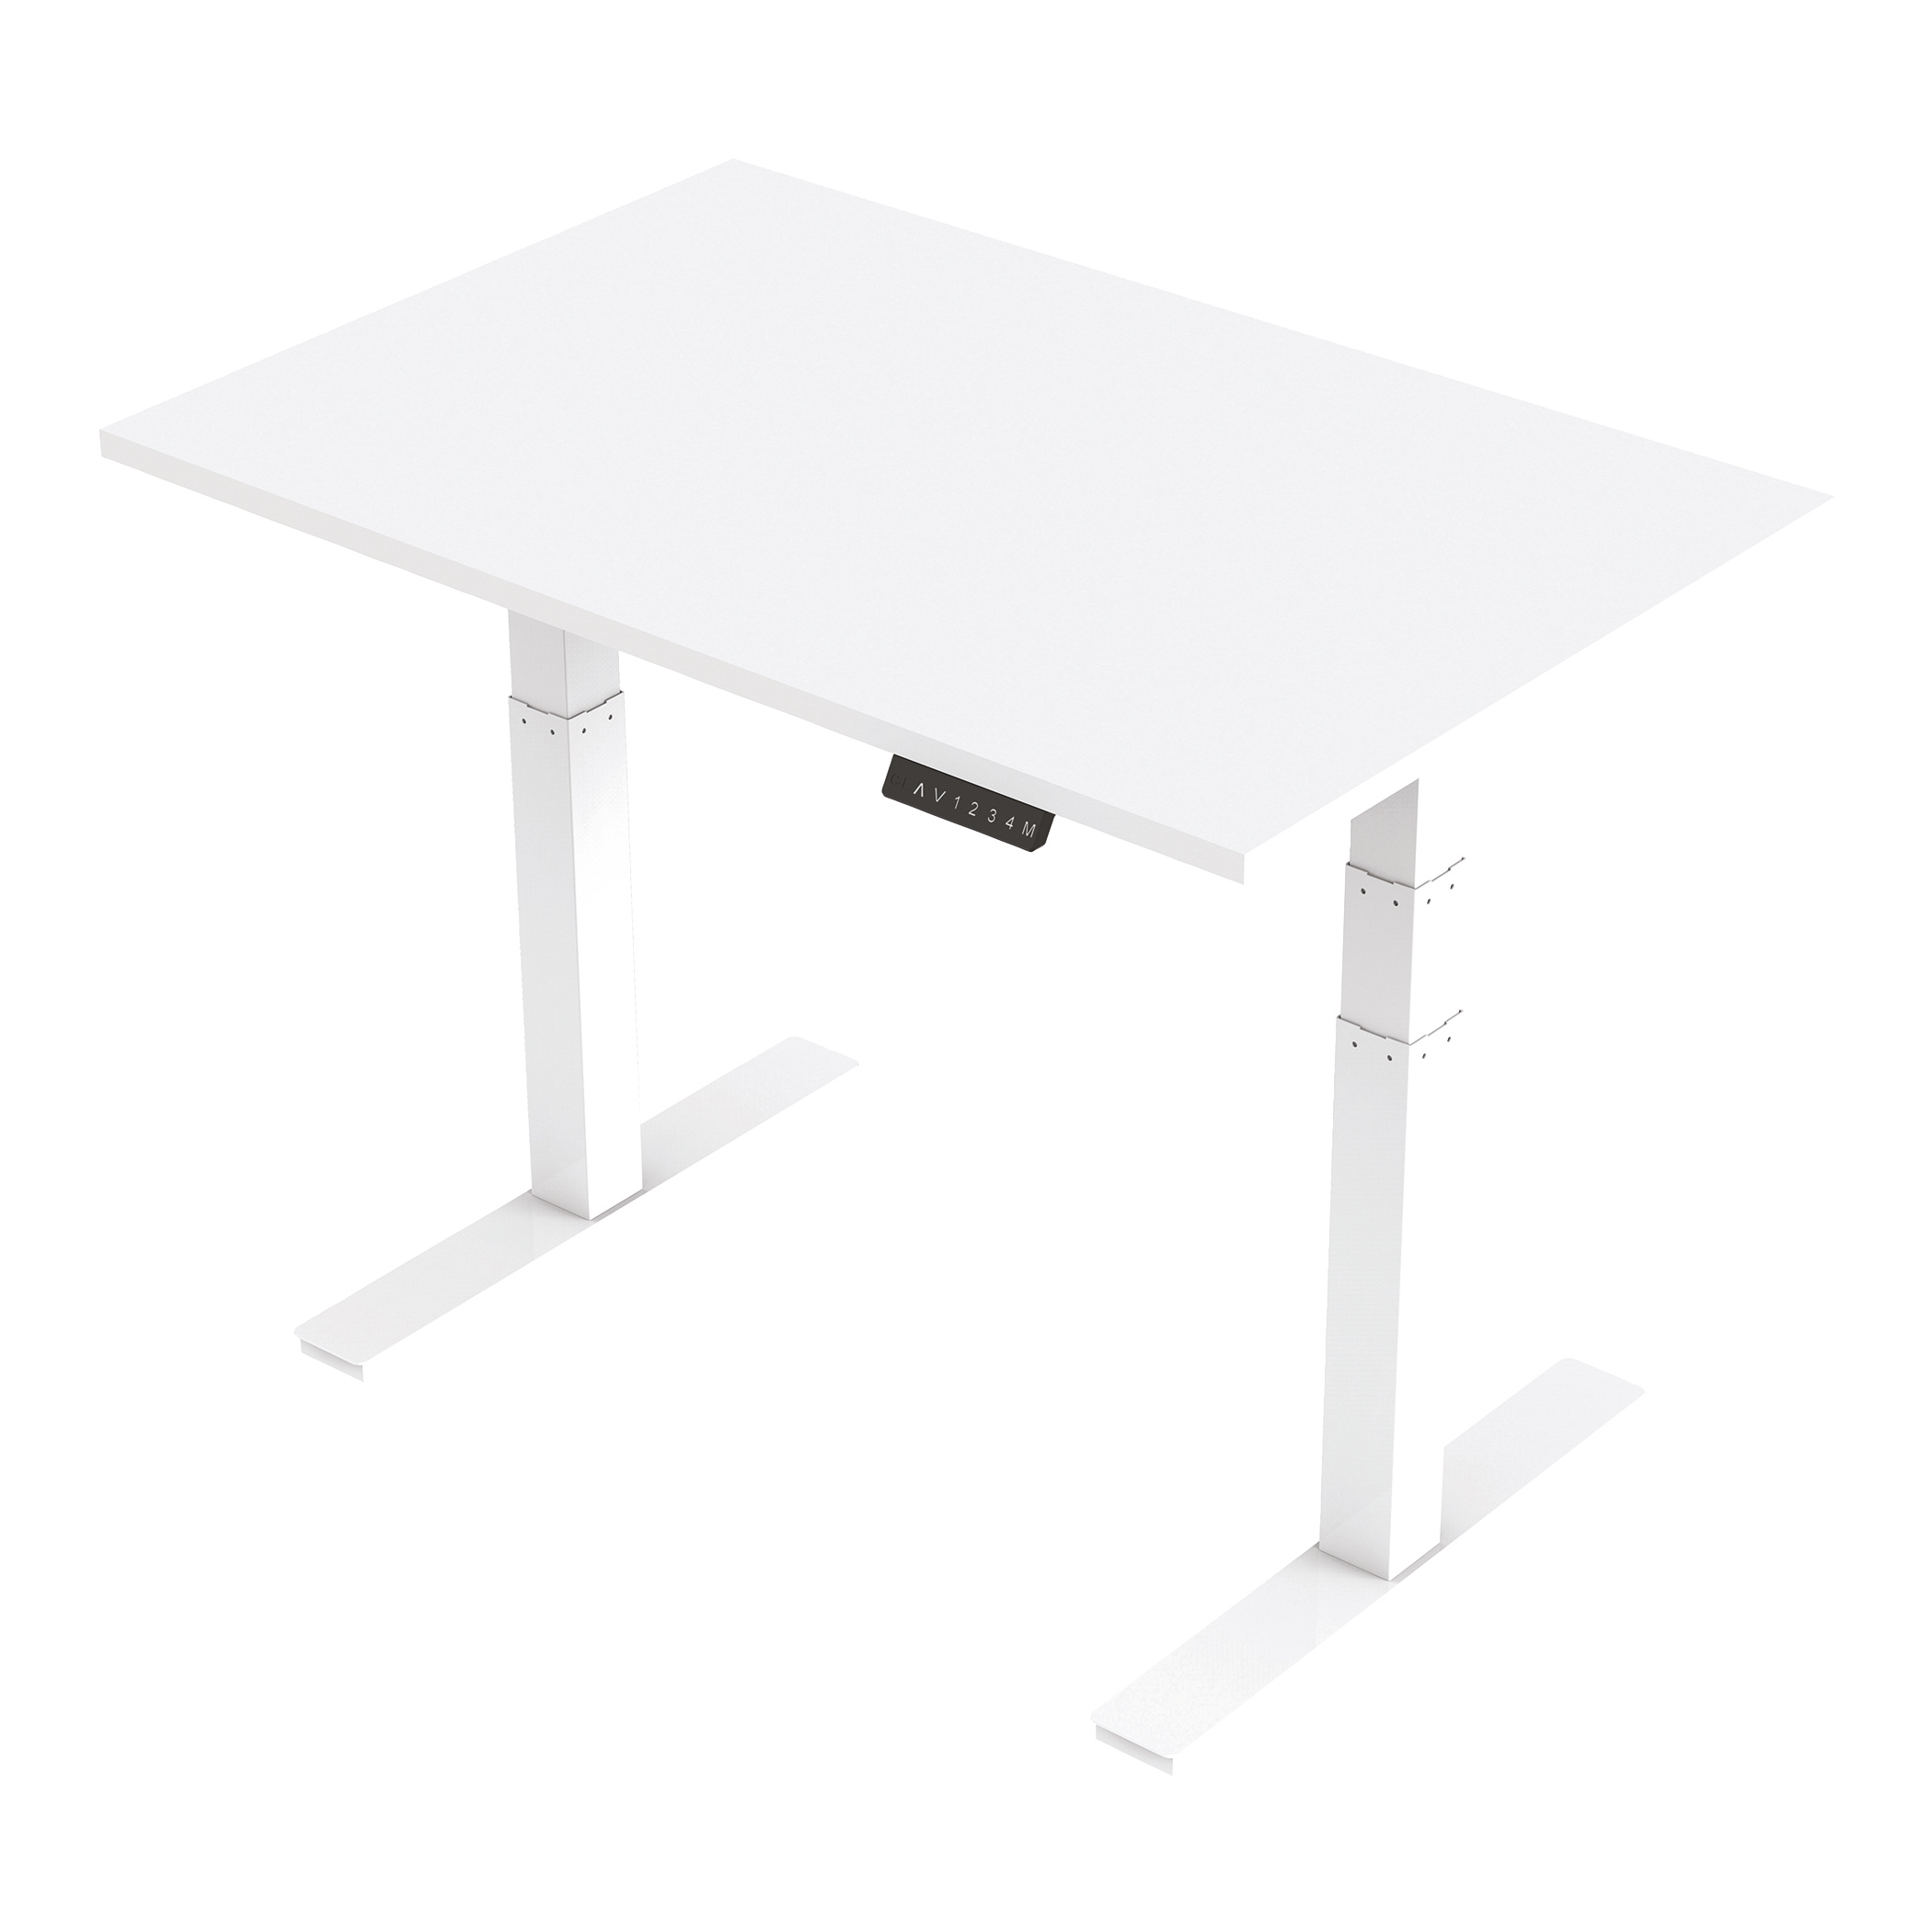 Trexus Sit Stand Desk Height-adjustable White Leg Frame 1200/800mm White Ref HA01029